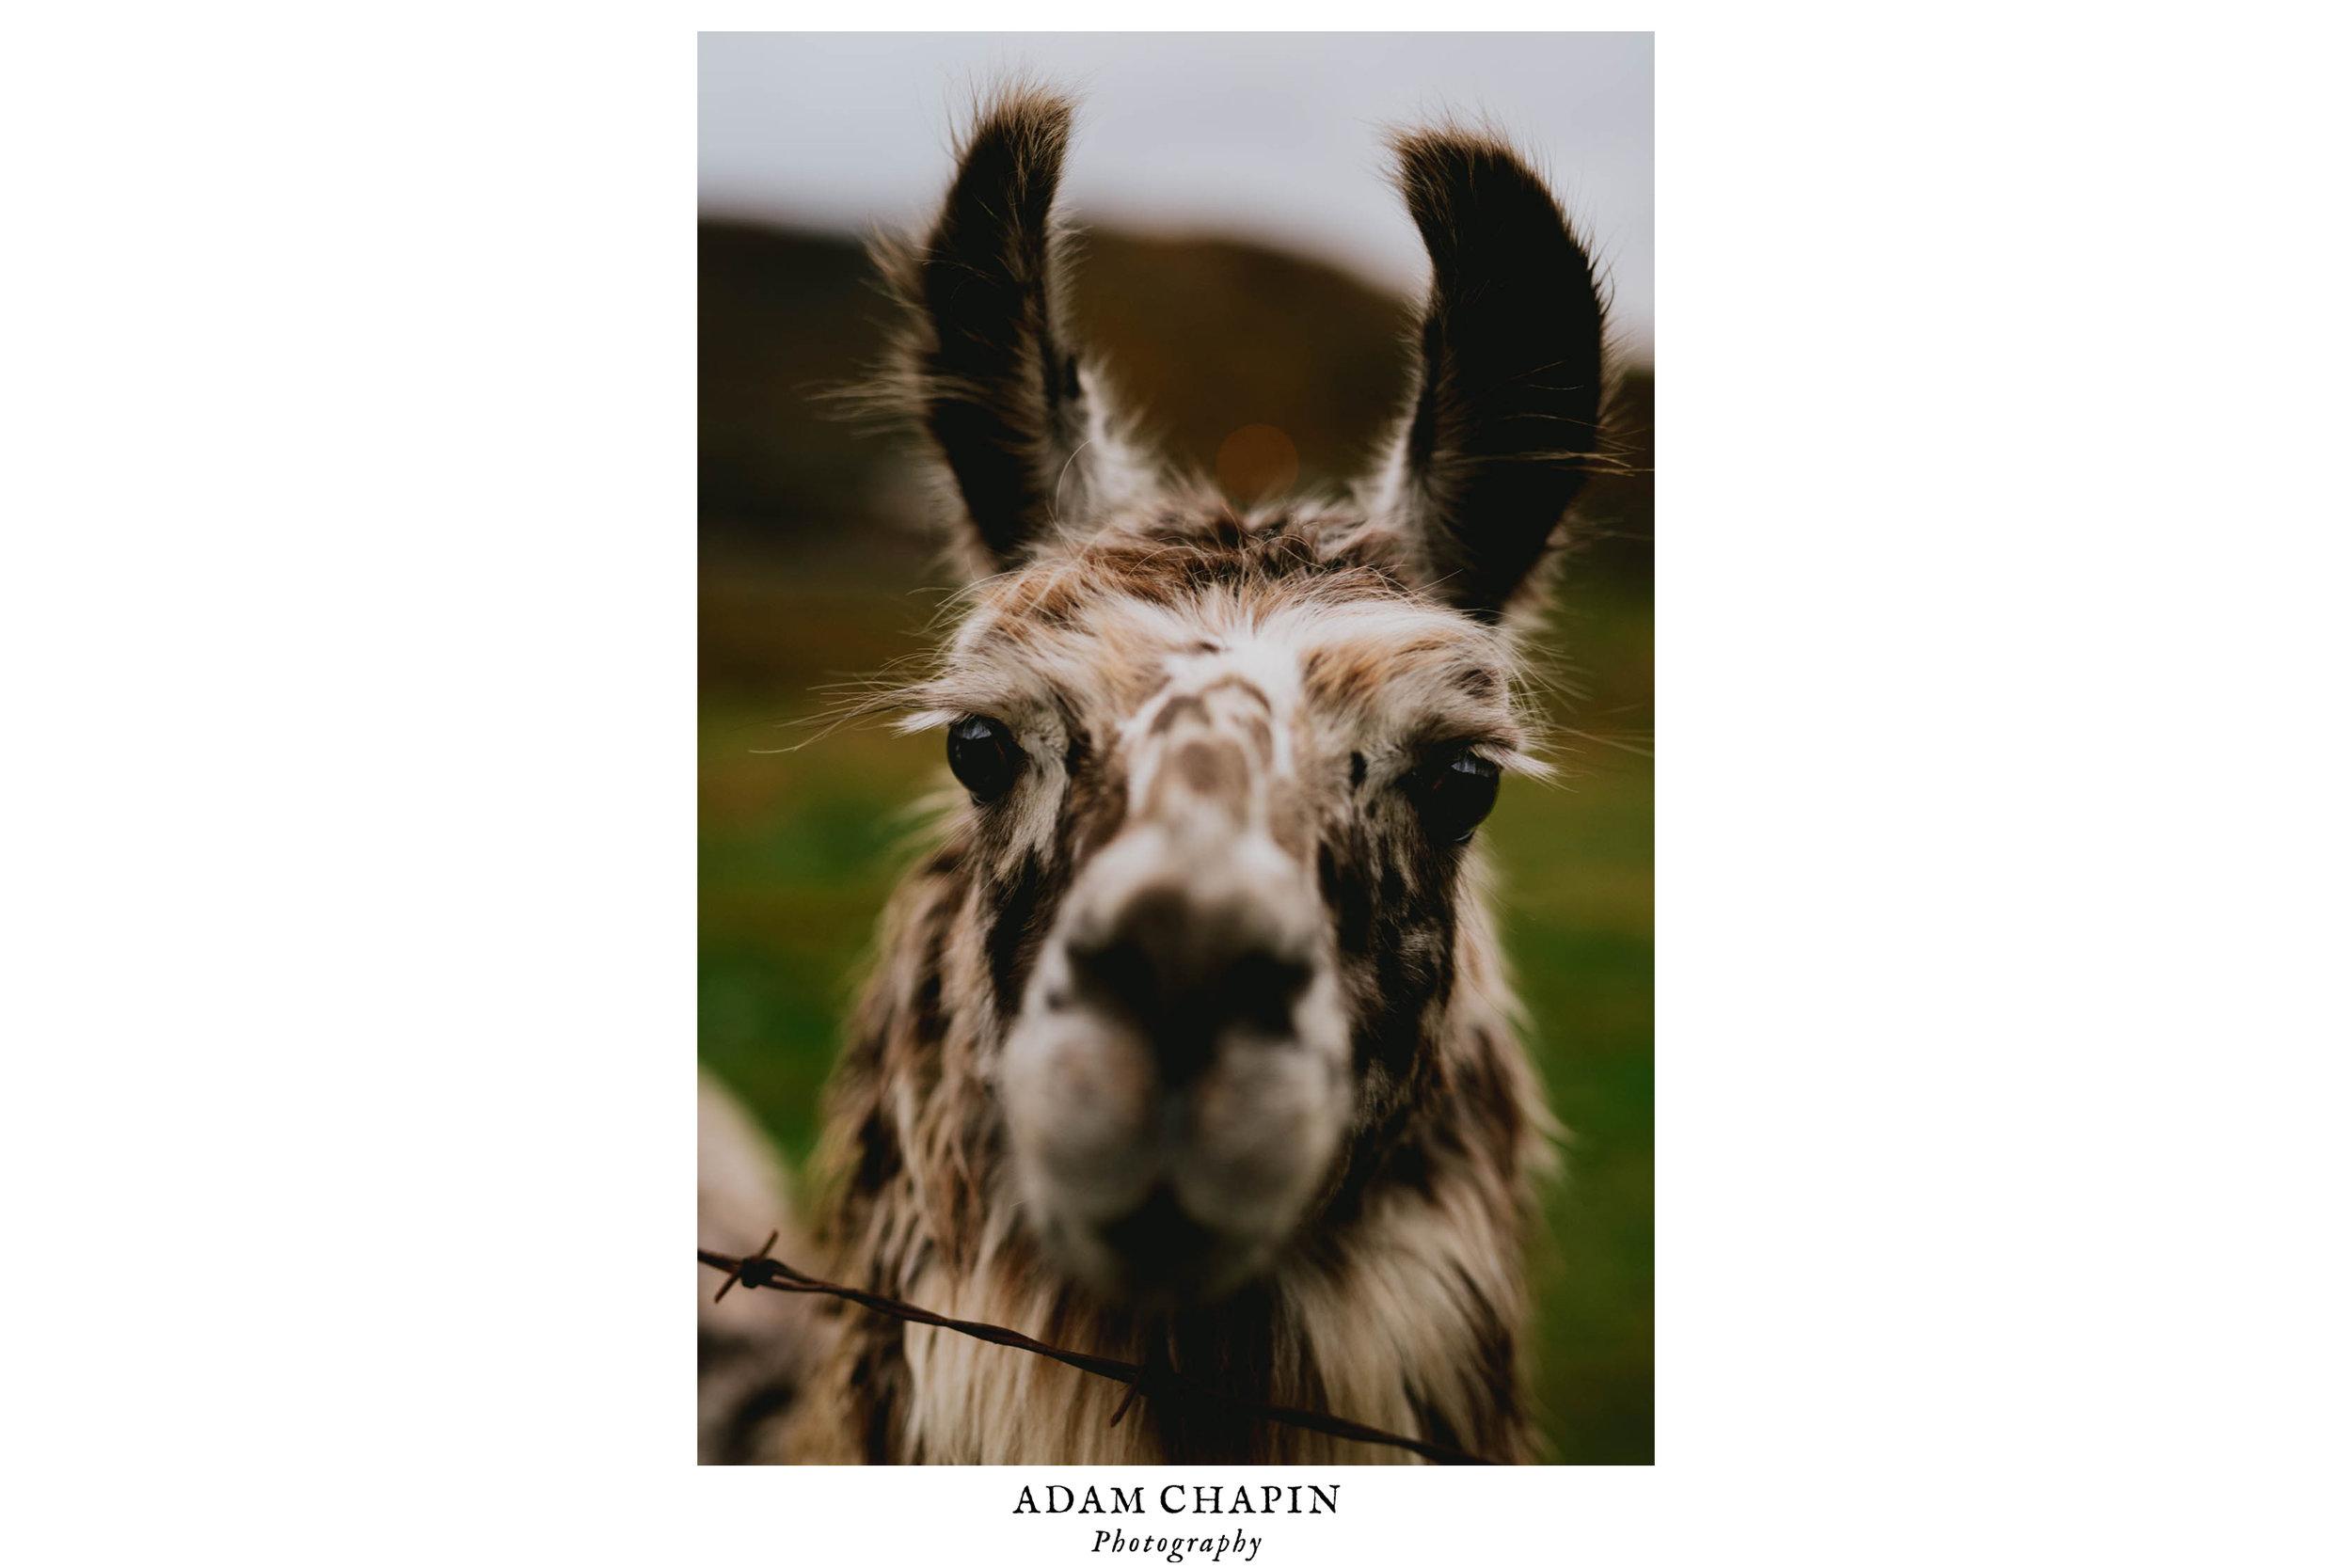 chocochip the llama